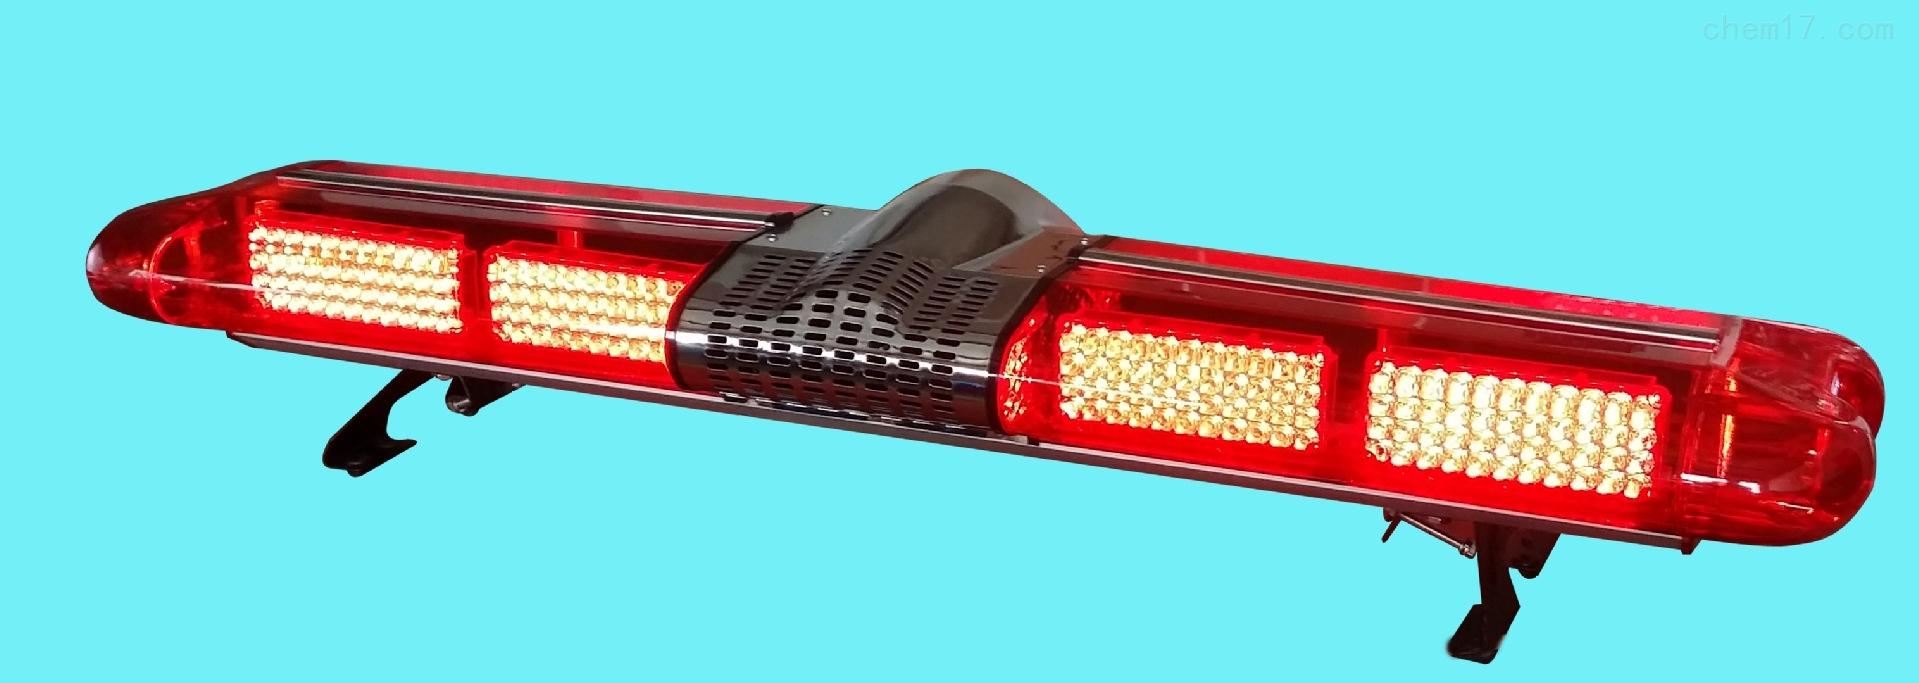 12V24长条灯  1.88米消防灯